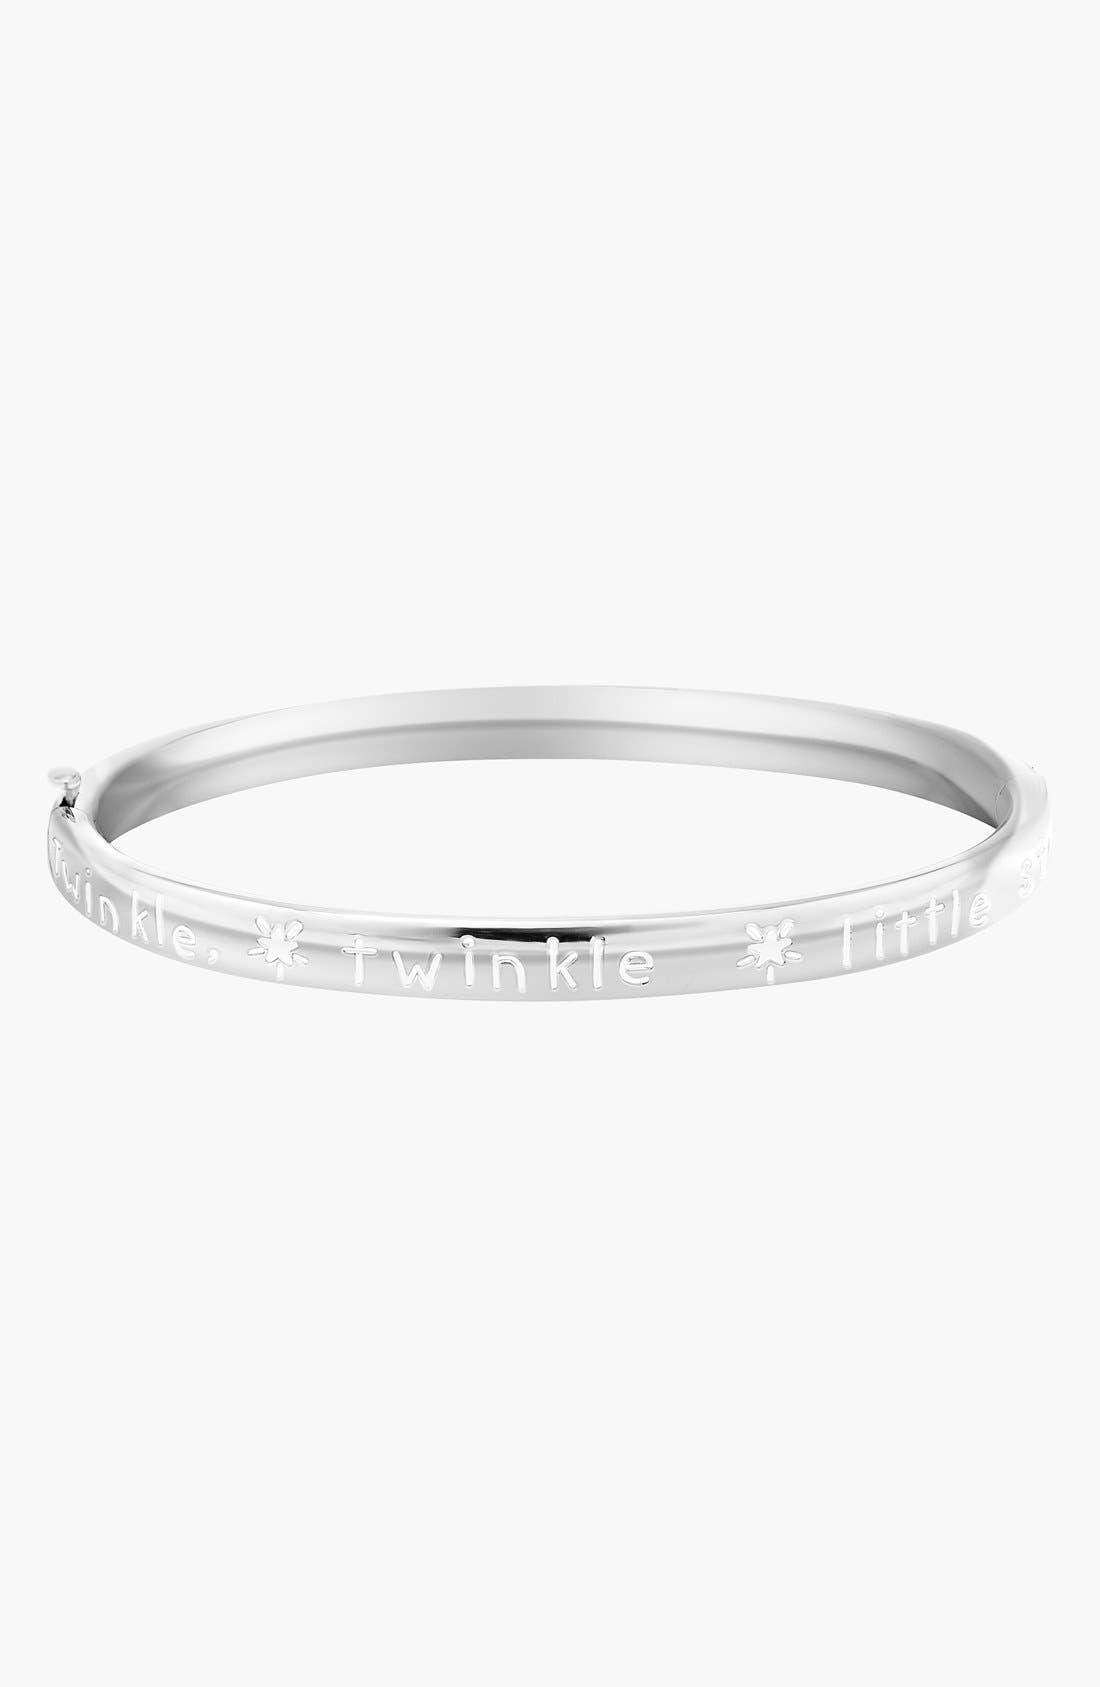 Main Image - Mignonette 'Little Star' Sterling Silver Bracelet (Toddler Girls)